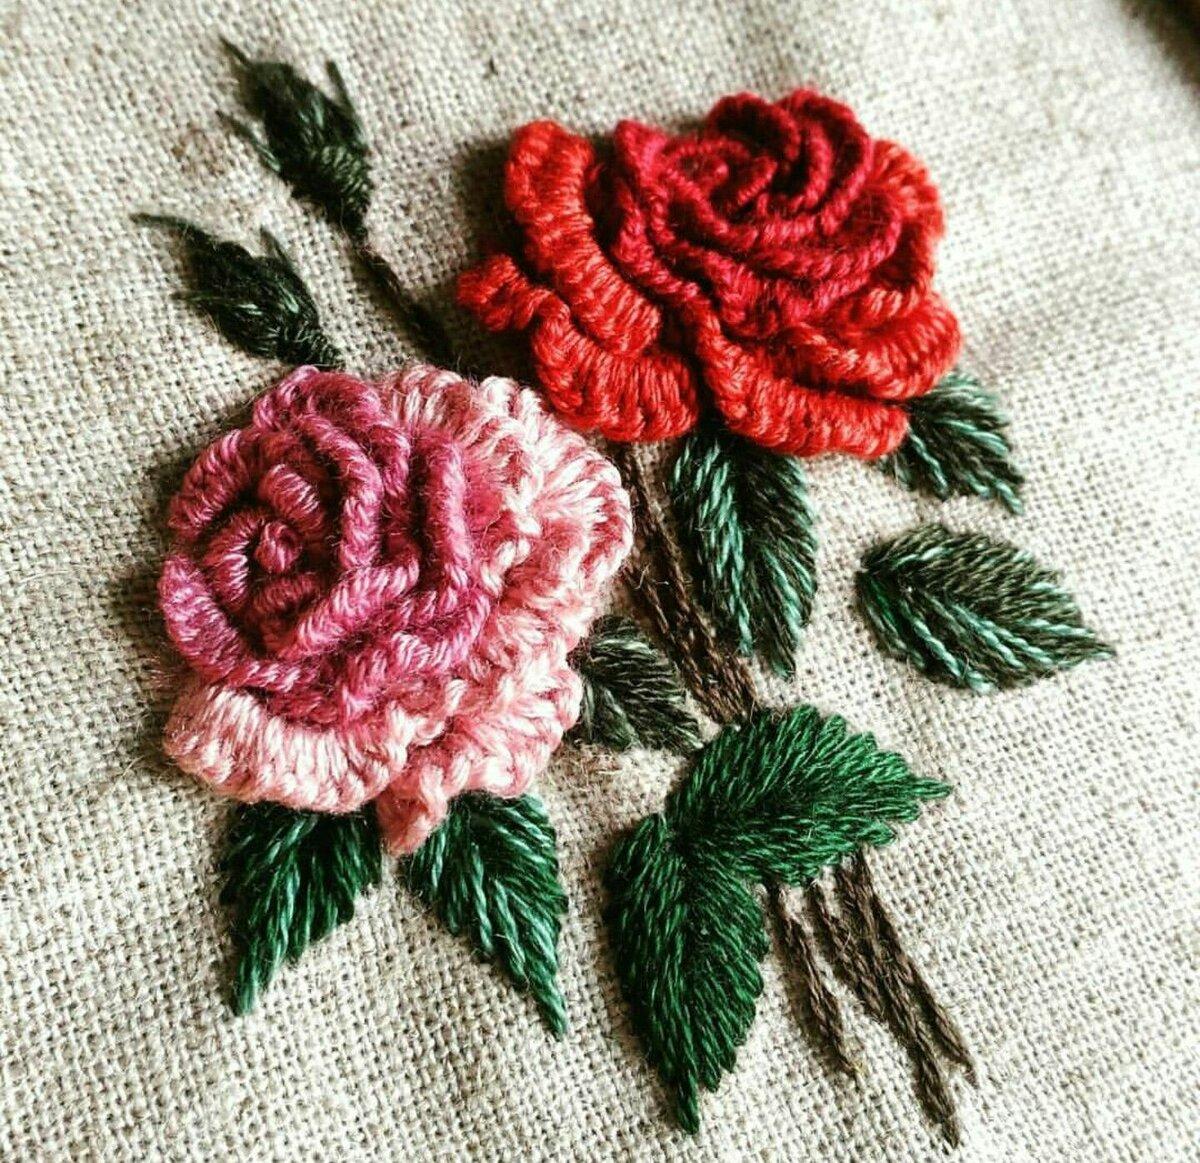 бесконечно вышить цветы на вязаном полотне фото каталог коллекционеров, которых